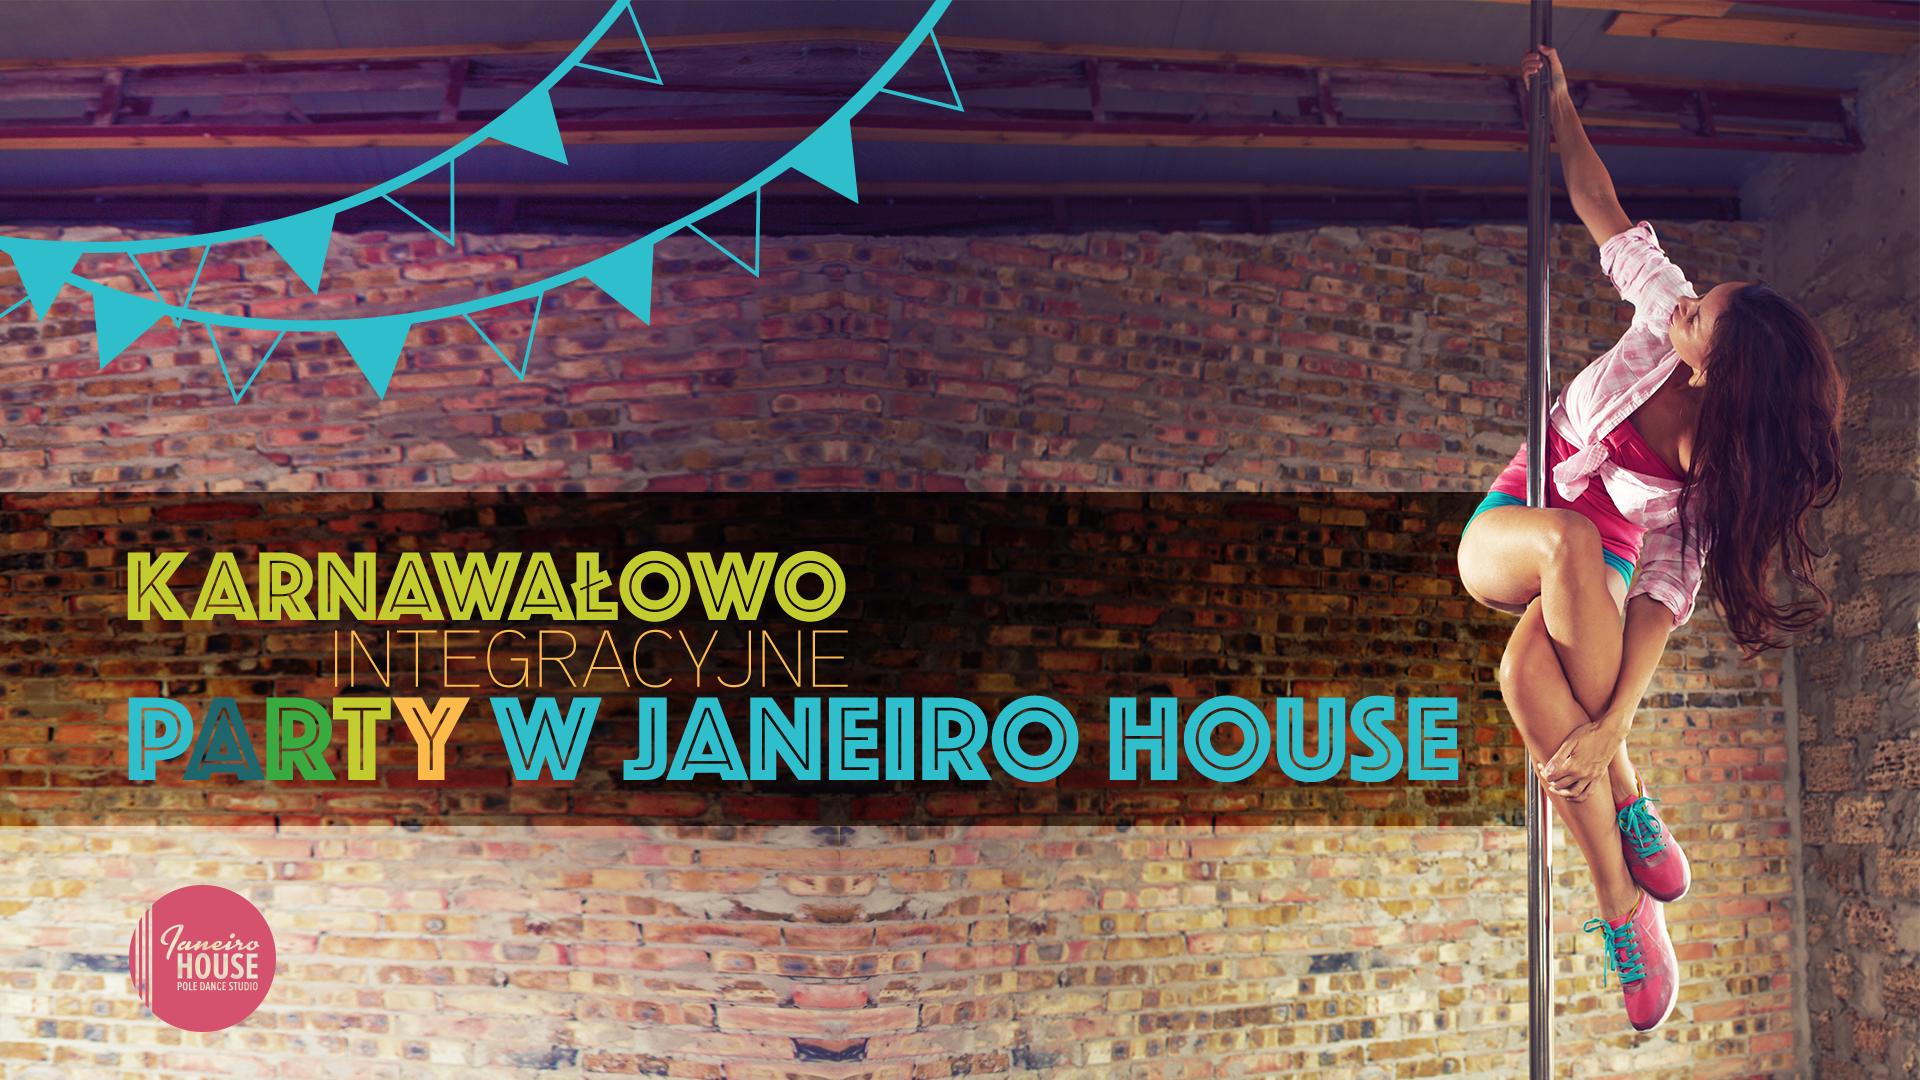 Karnawałowo-integracyjne Party w Janeiro House